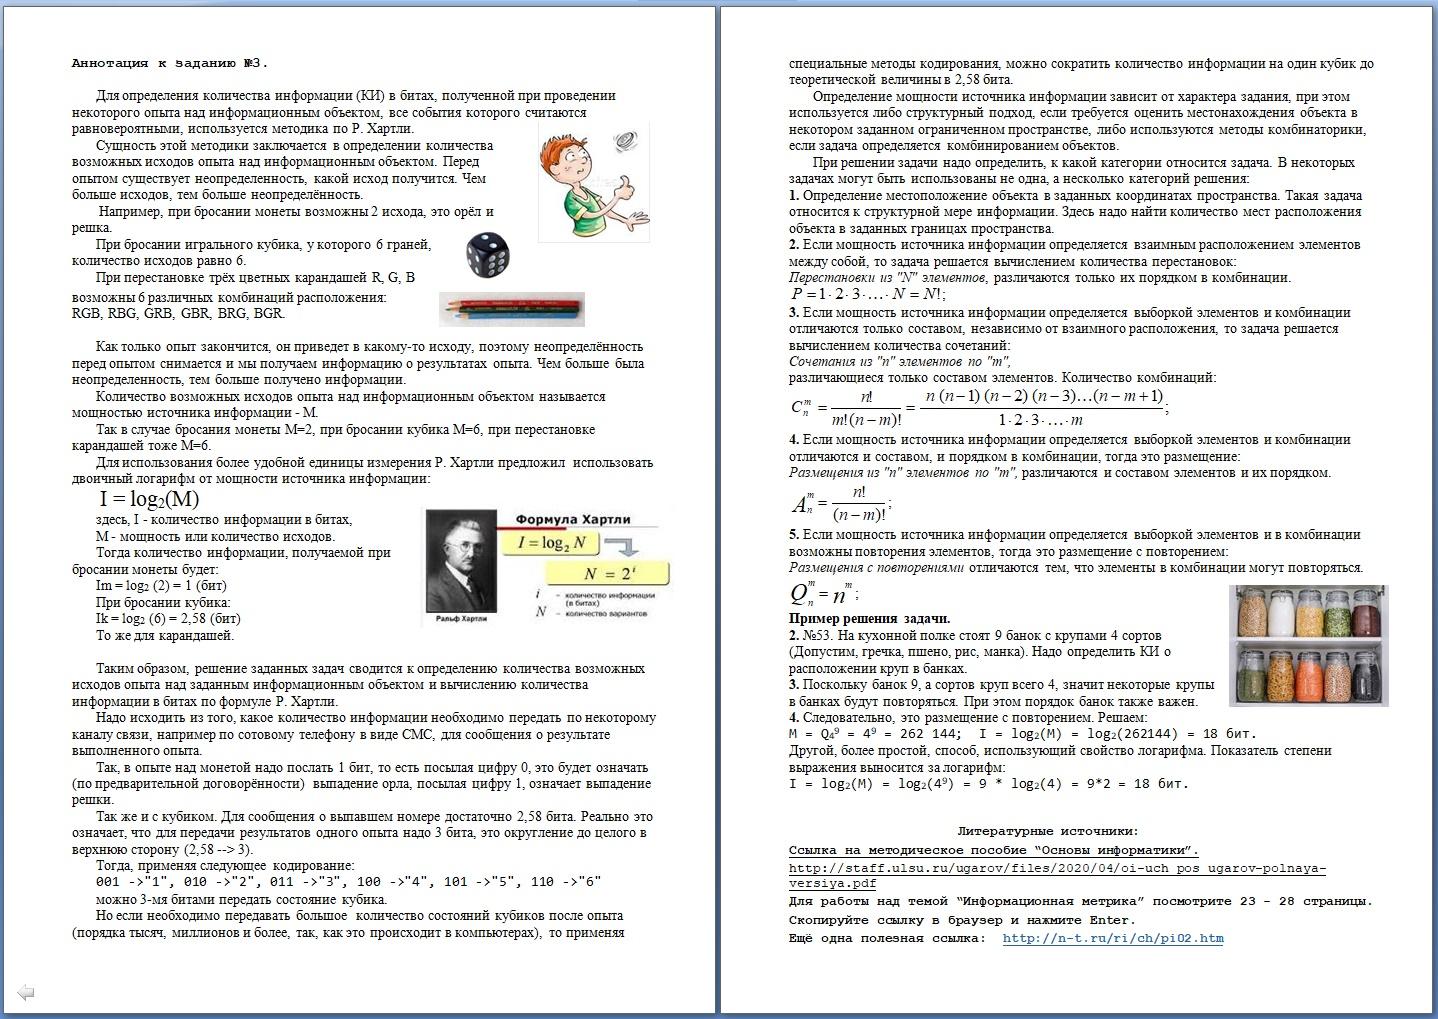 90-sam-3-informmetrika-ki-2